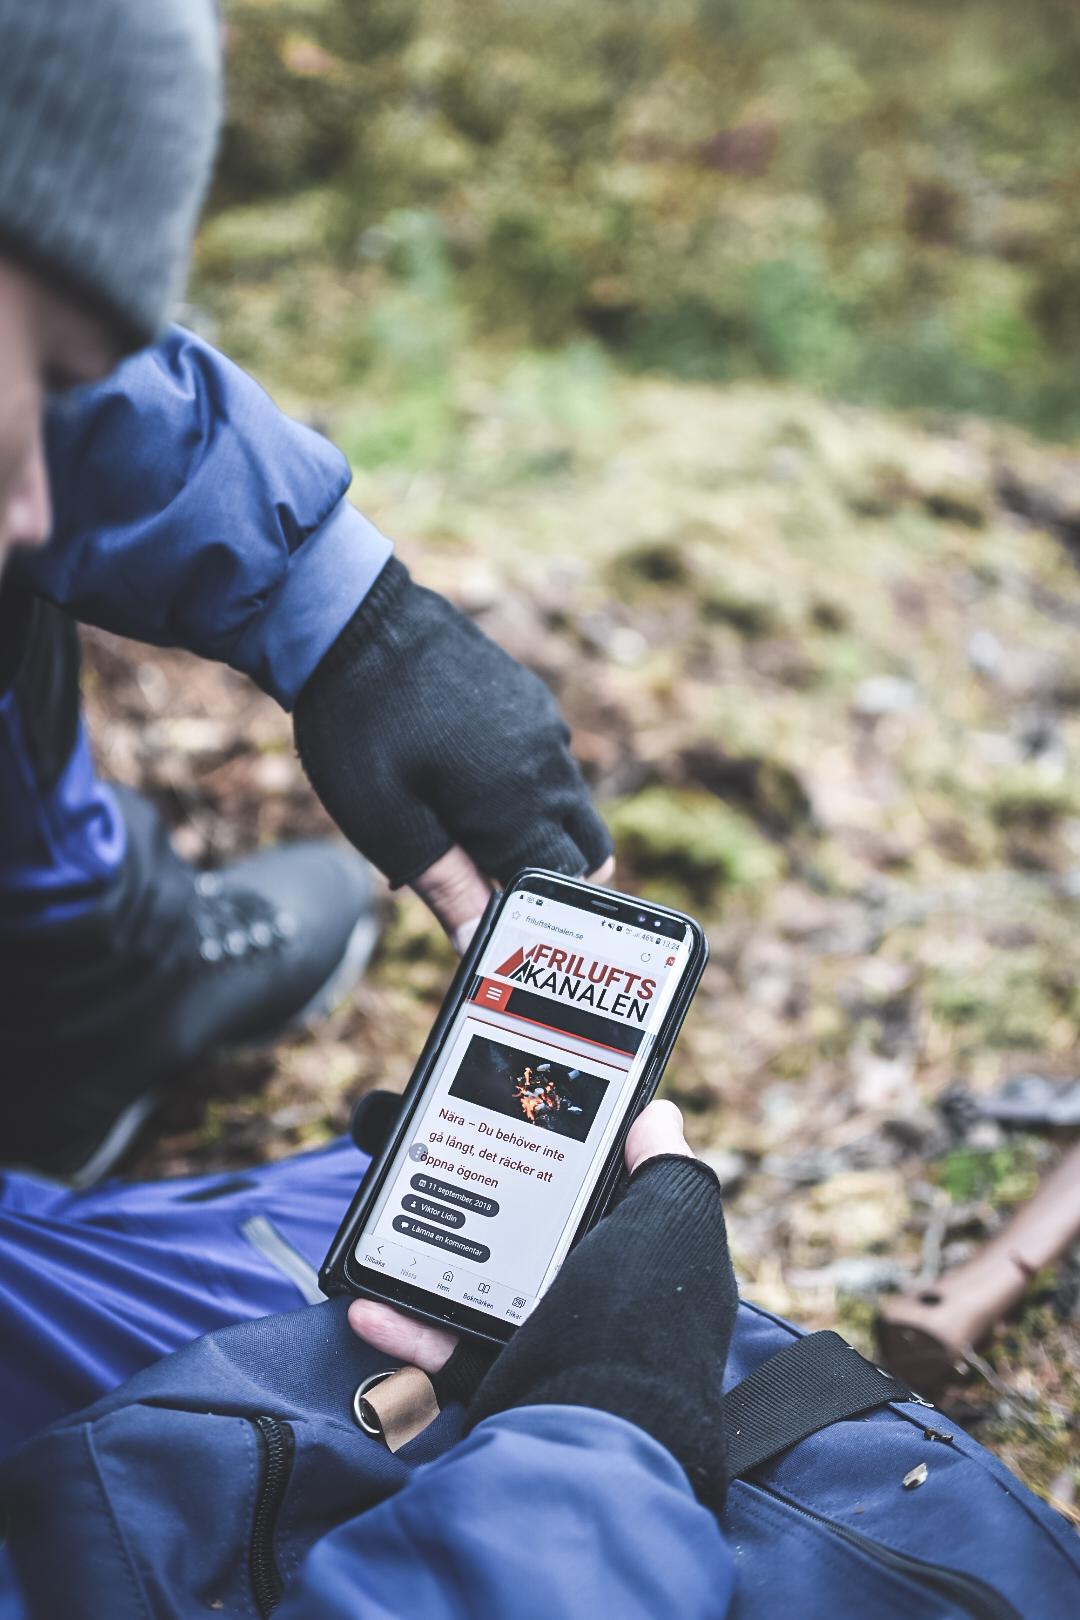 Mobilen kan vara ett otroligt bra redskap inom friluftslivet, bland annat som GPS, lampa och instruktionsboken